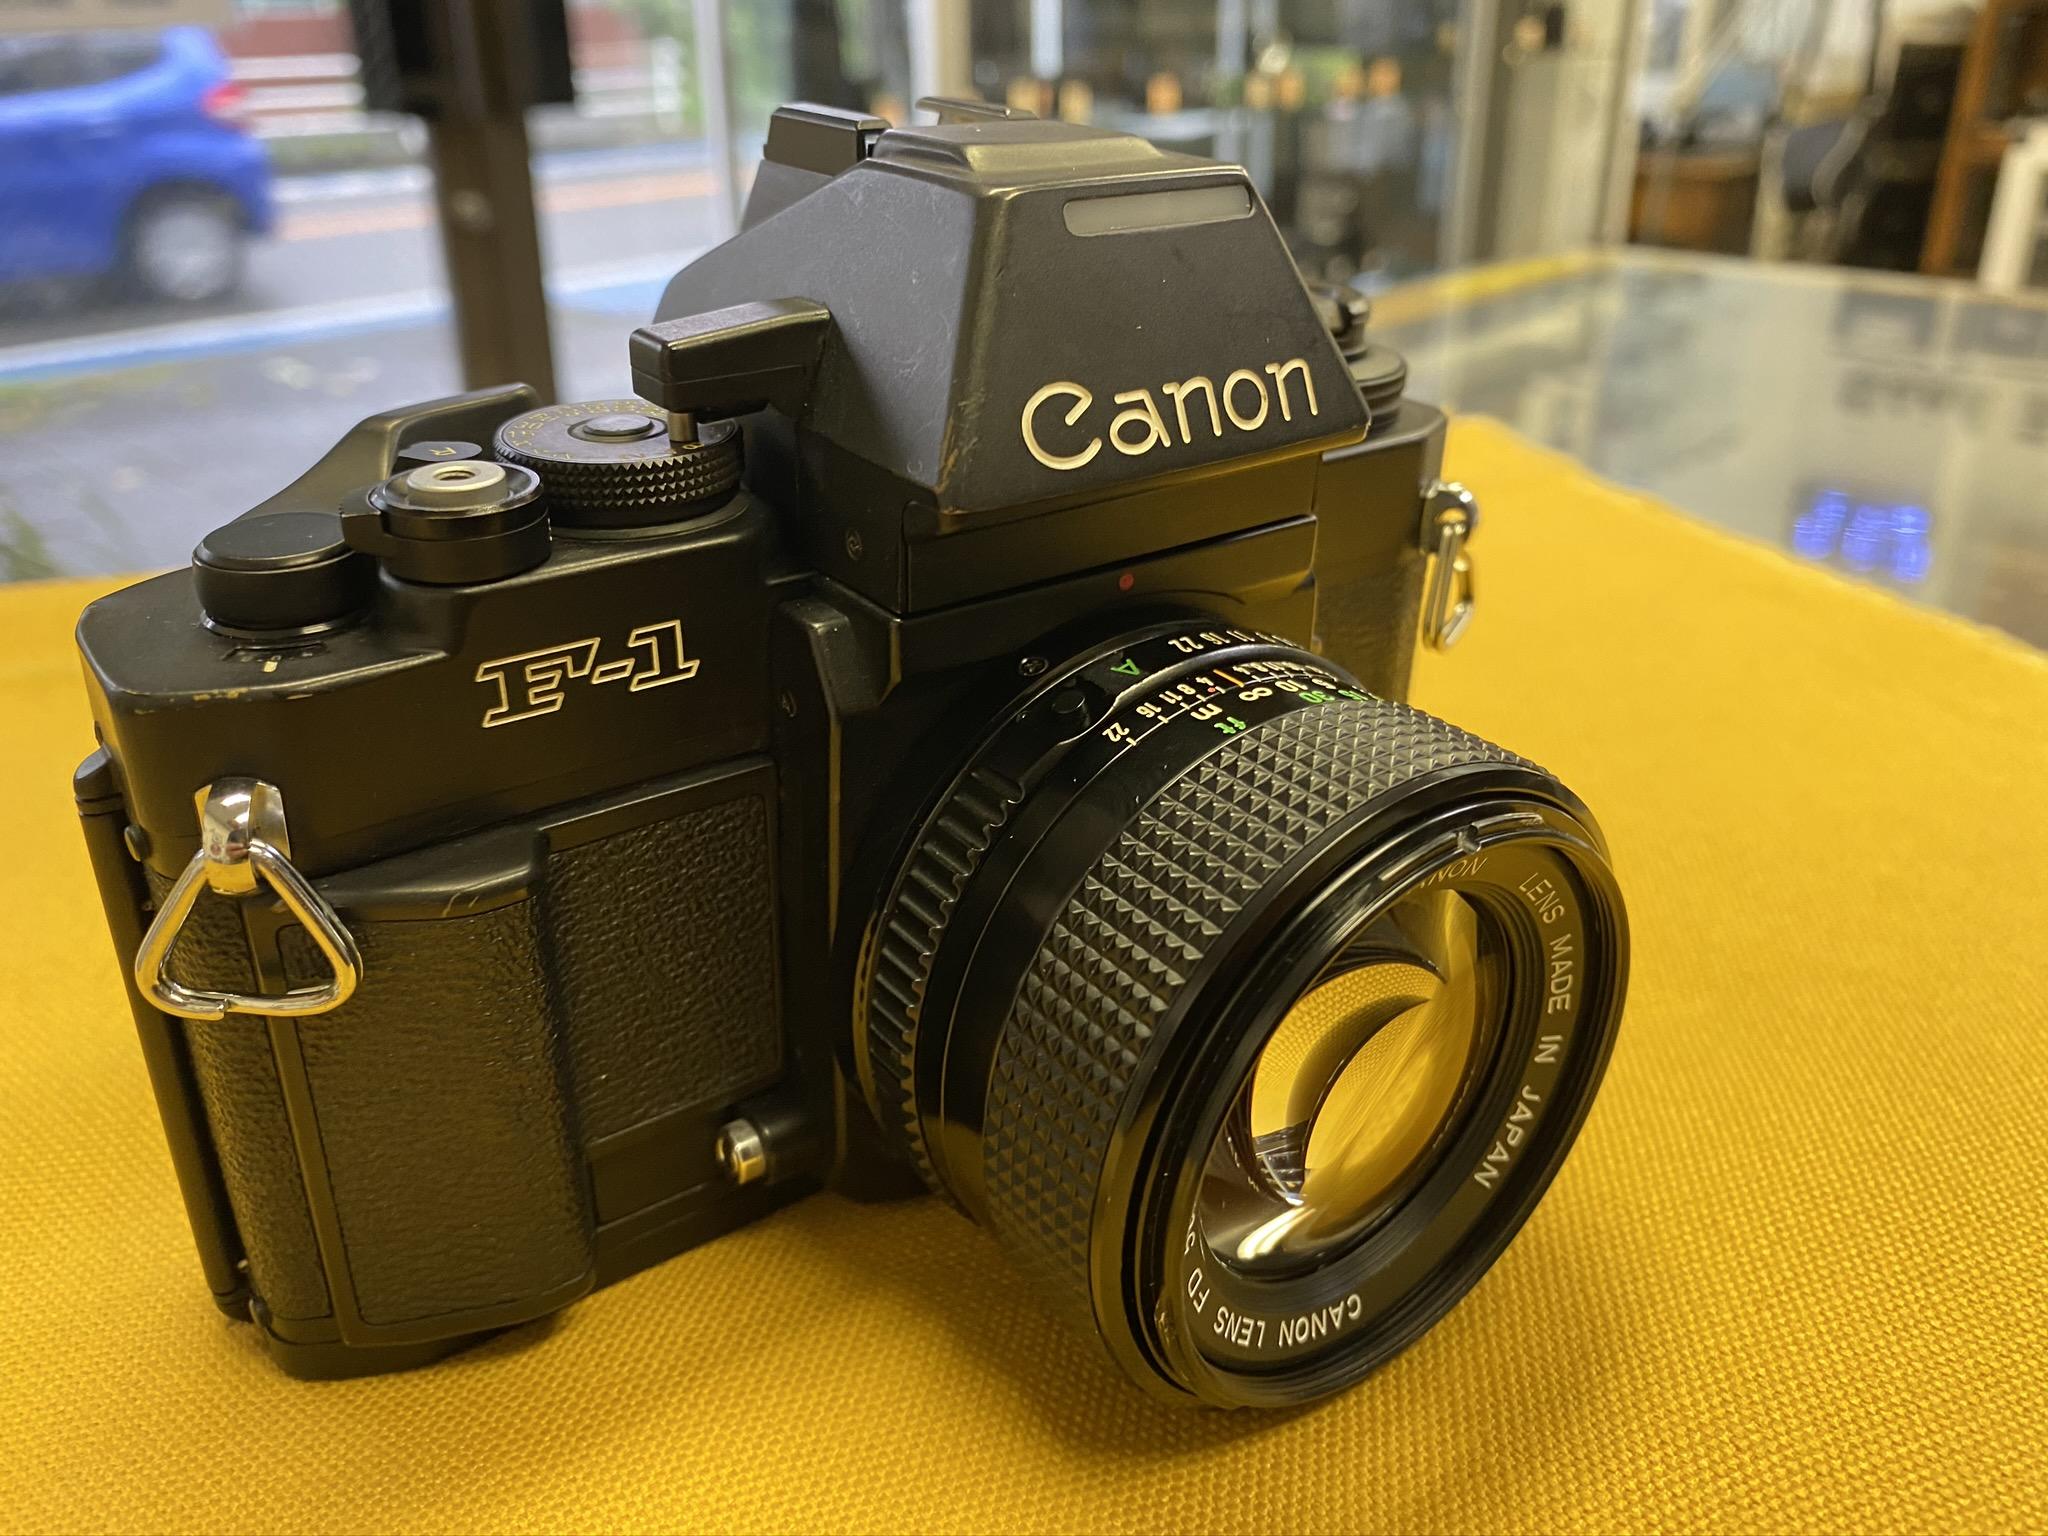 Canon New F-1 50mm F1.4付 ¥ 35,000( 税込 )